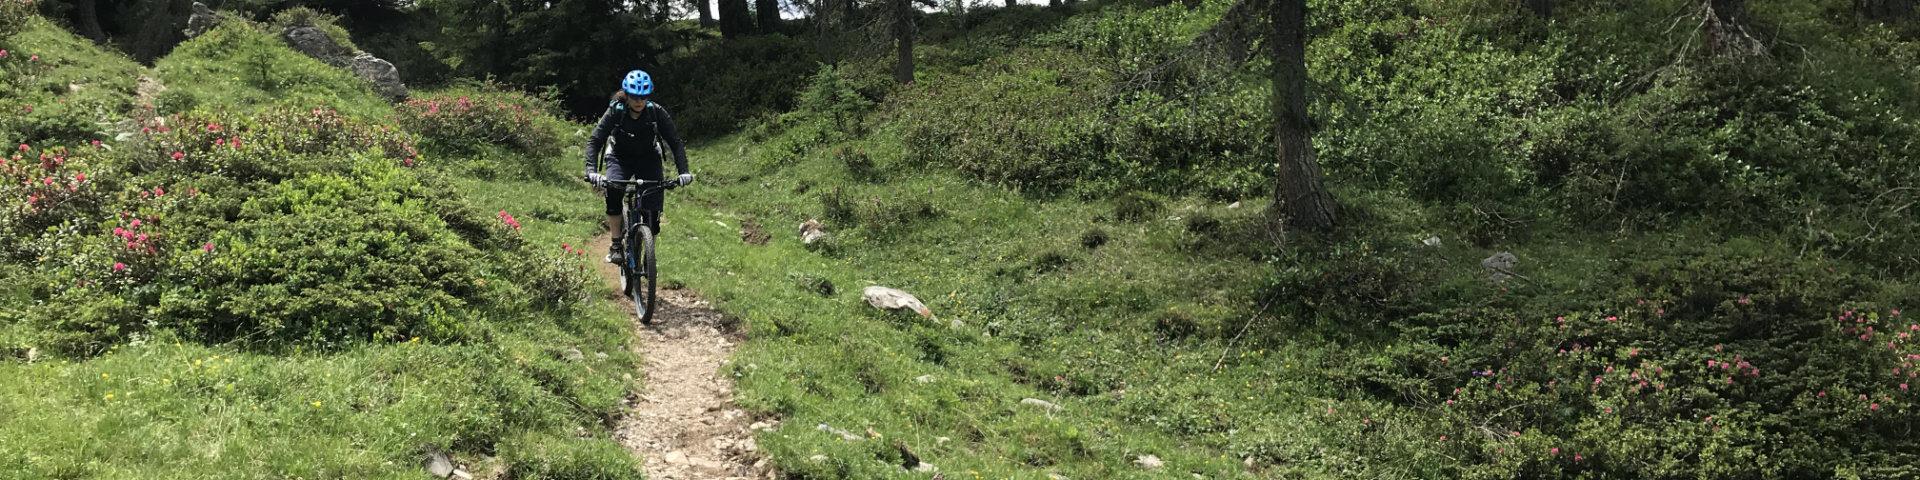 GravityBienchen on 967er Trail